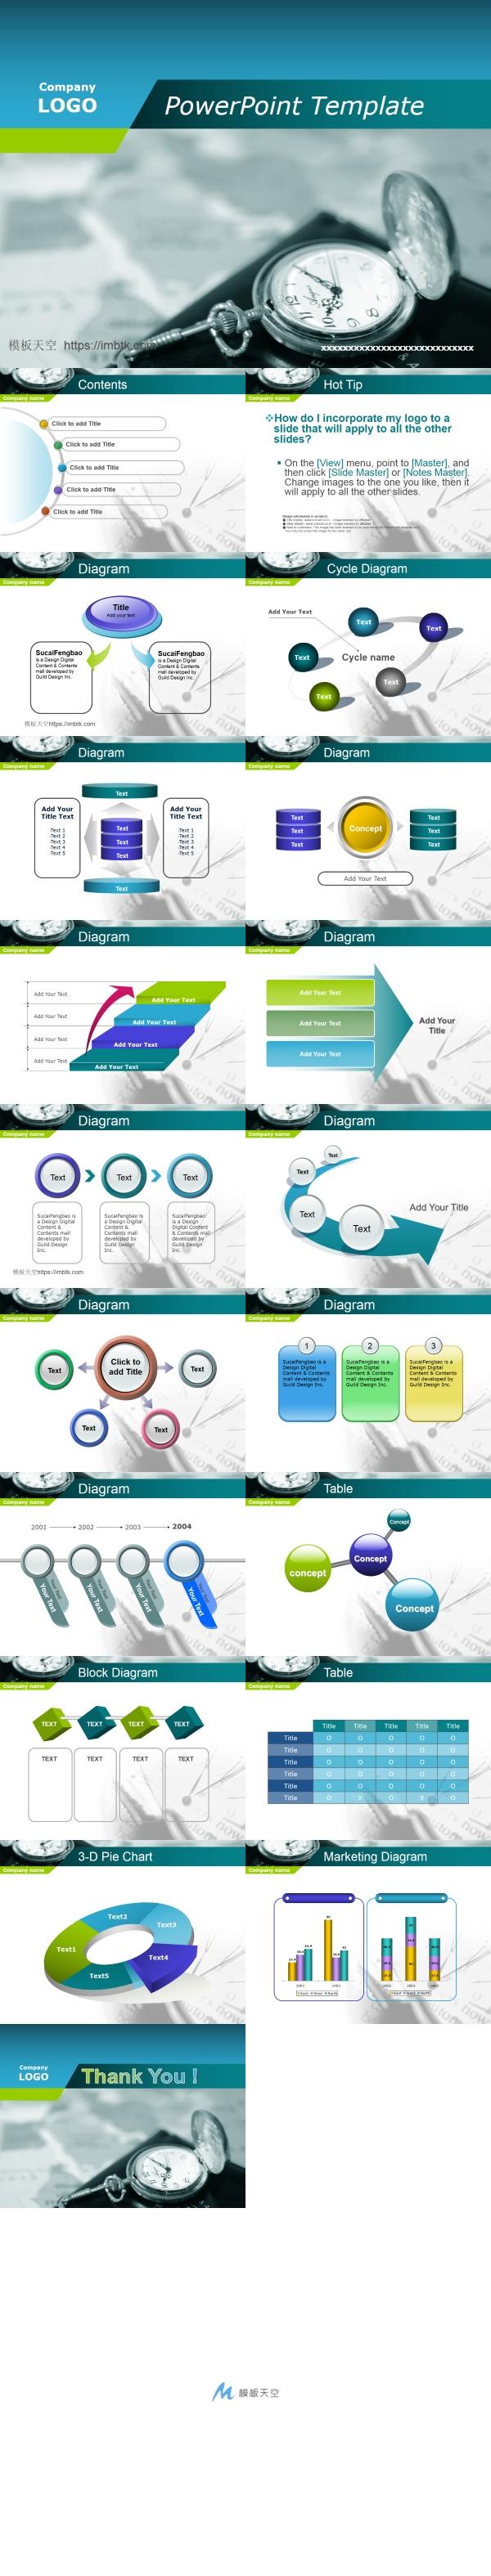 企业培训时间管理图表PPT模板